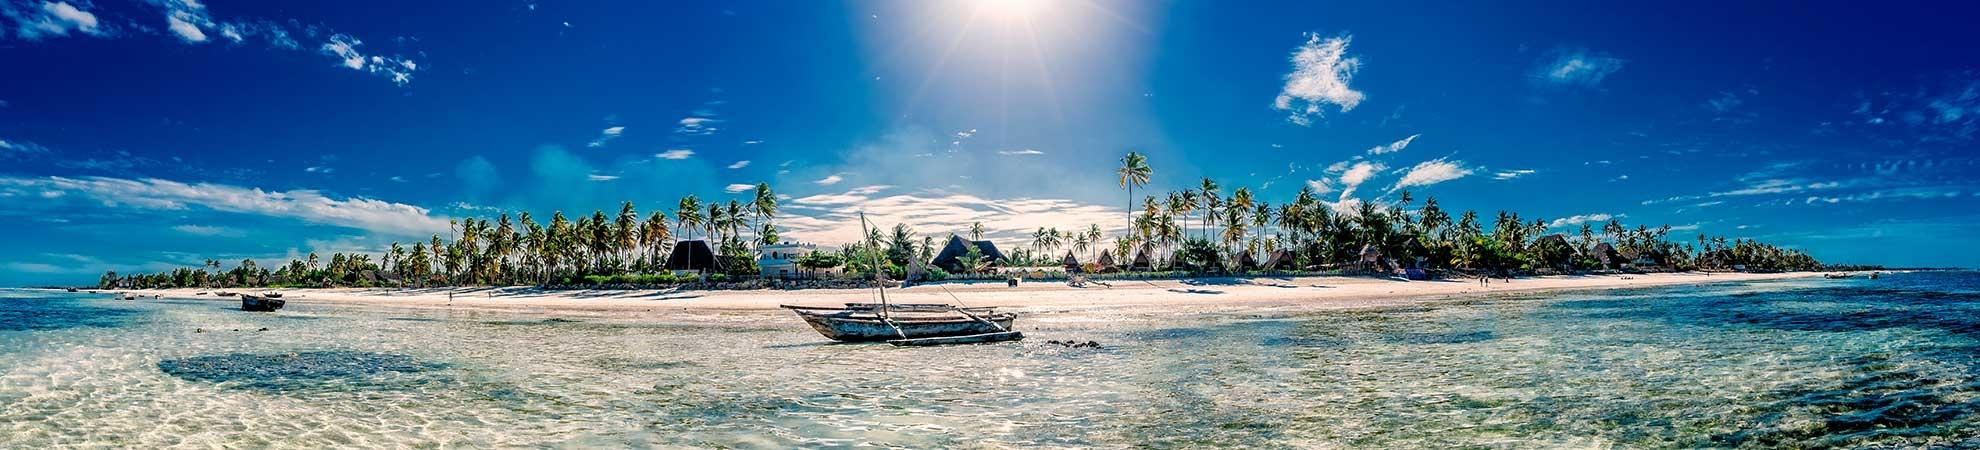 Voyage Zanzibar